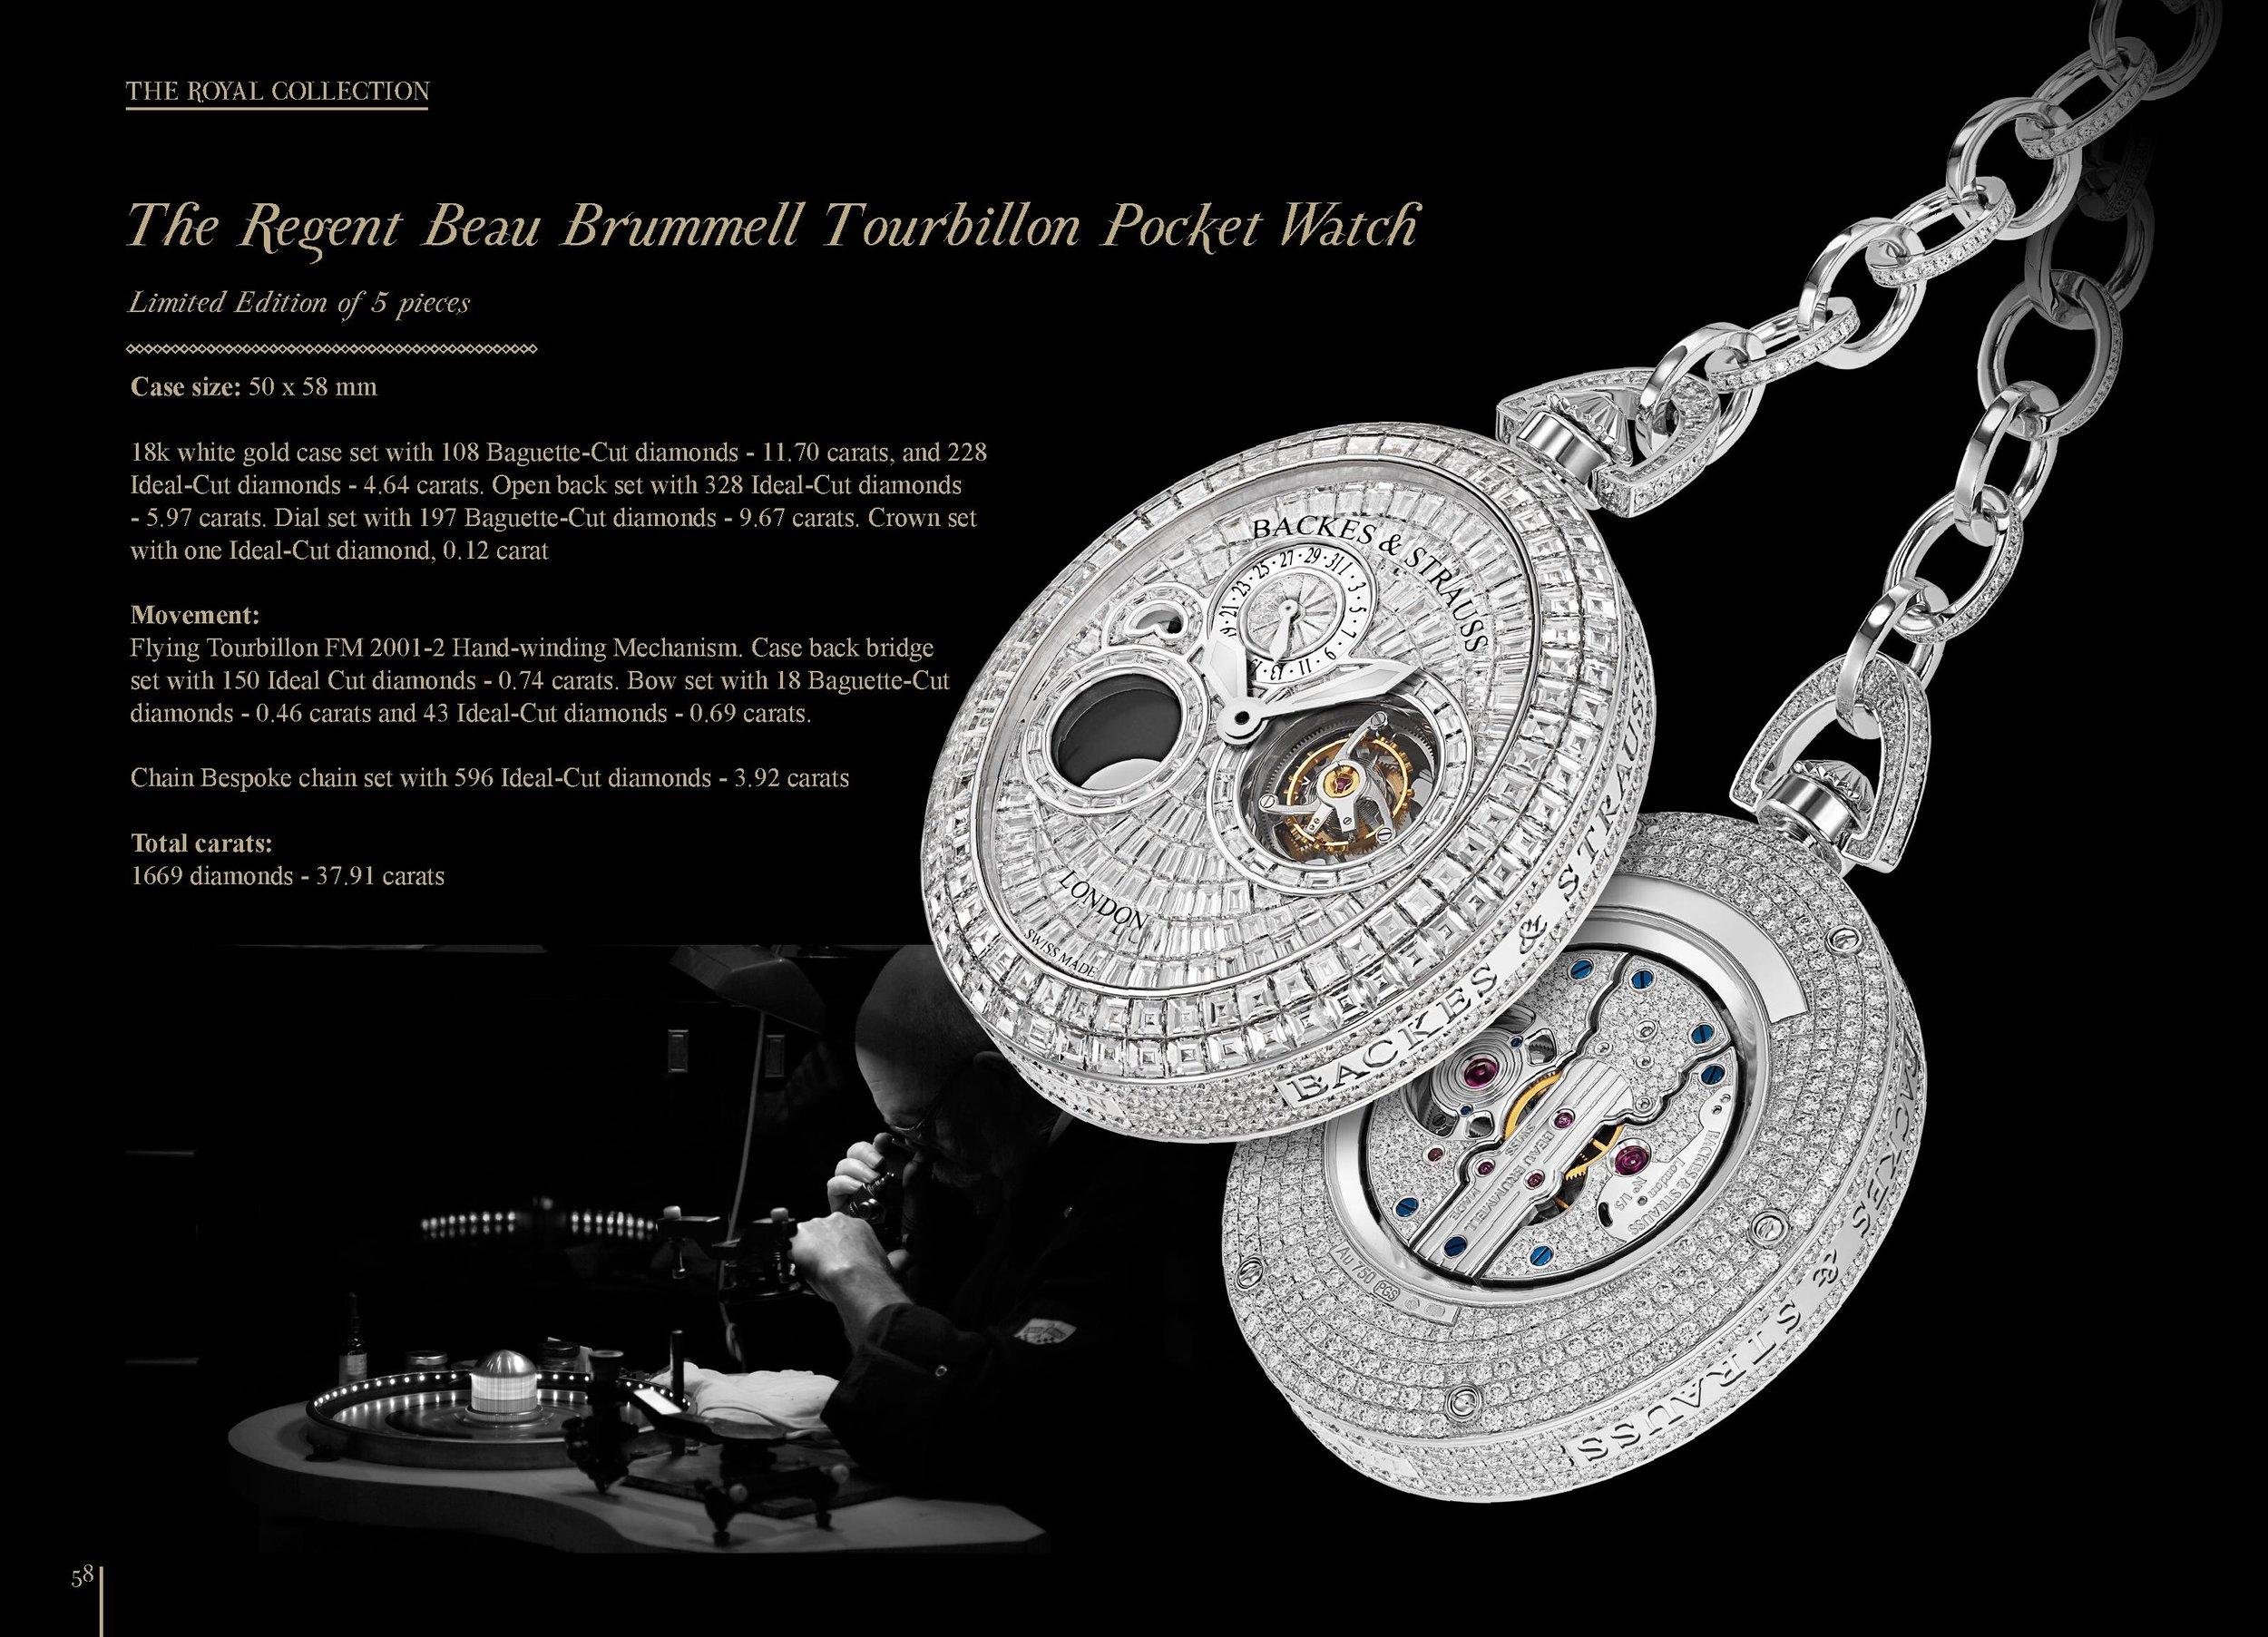 The Regent Beau Brummell Tourbillon iconic pocket watch